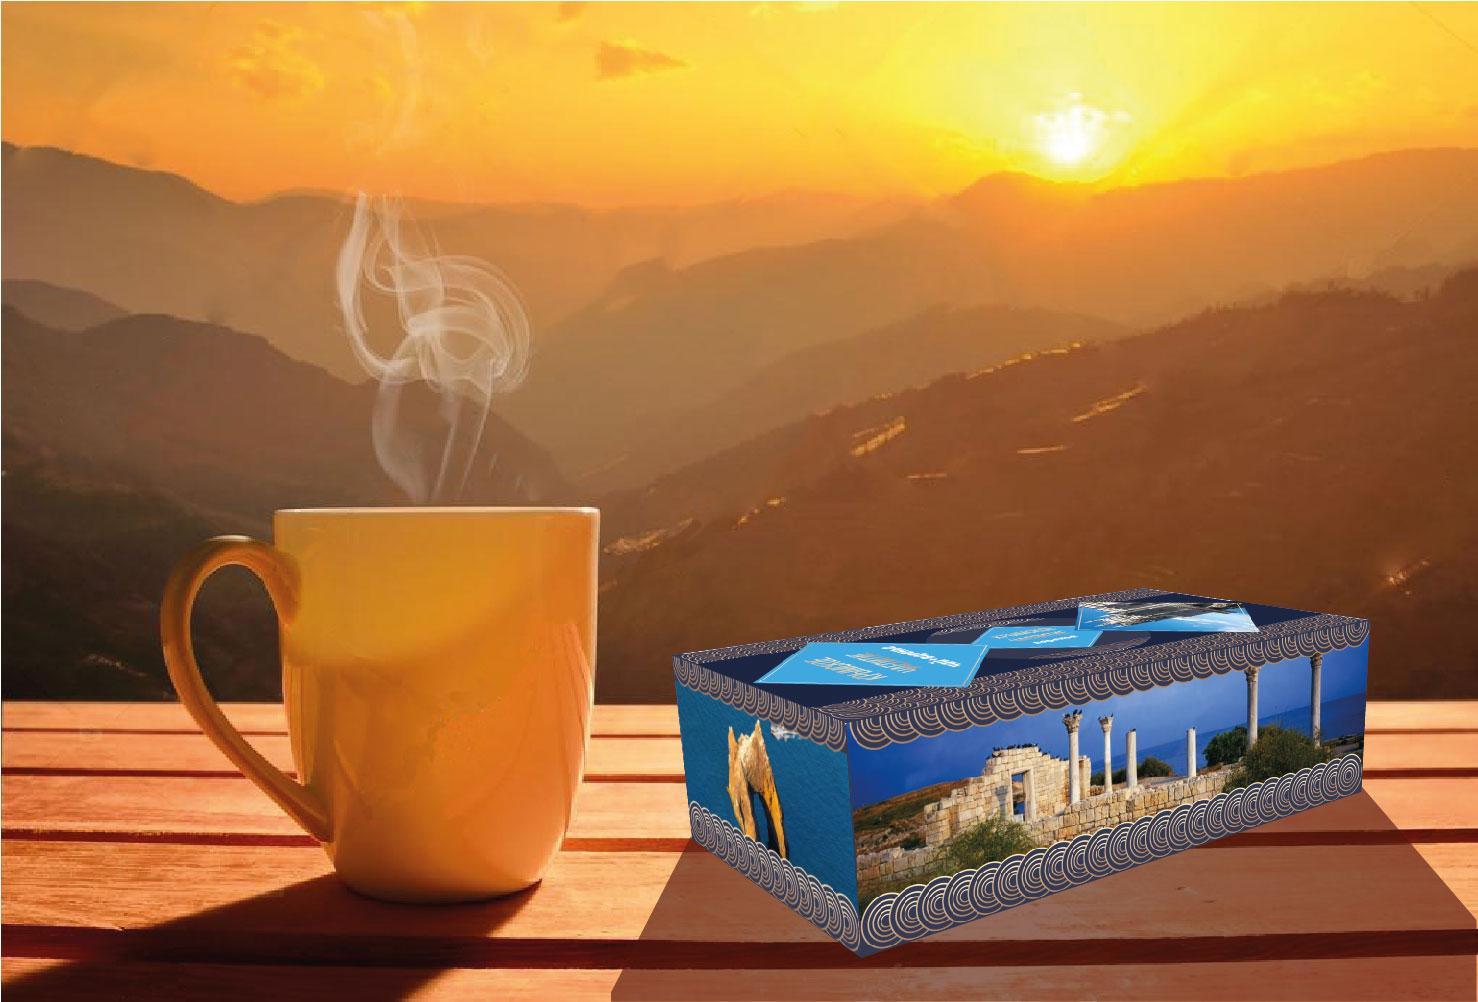 Дизайн подарочной-сувенирной коробки: с чаем и варением фото f_7135a53b90a6a19b.jpg